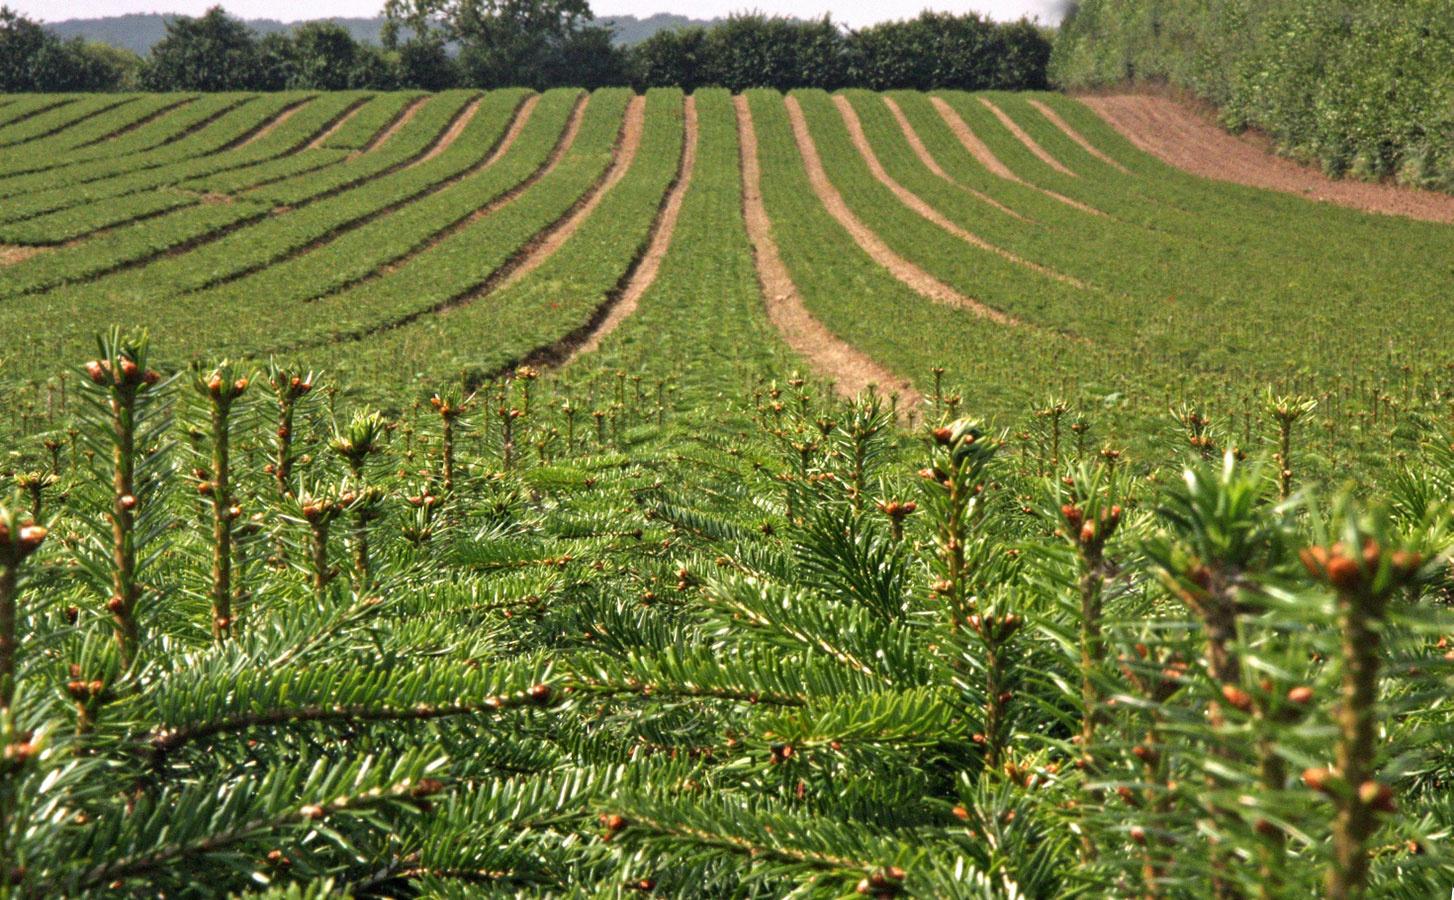 Ťažba vianočných stromov prebieha na plantážach na to určených.